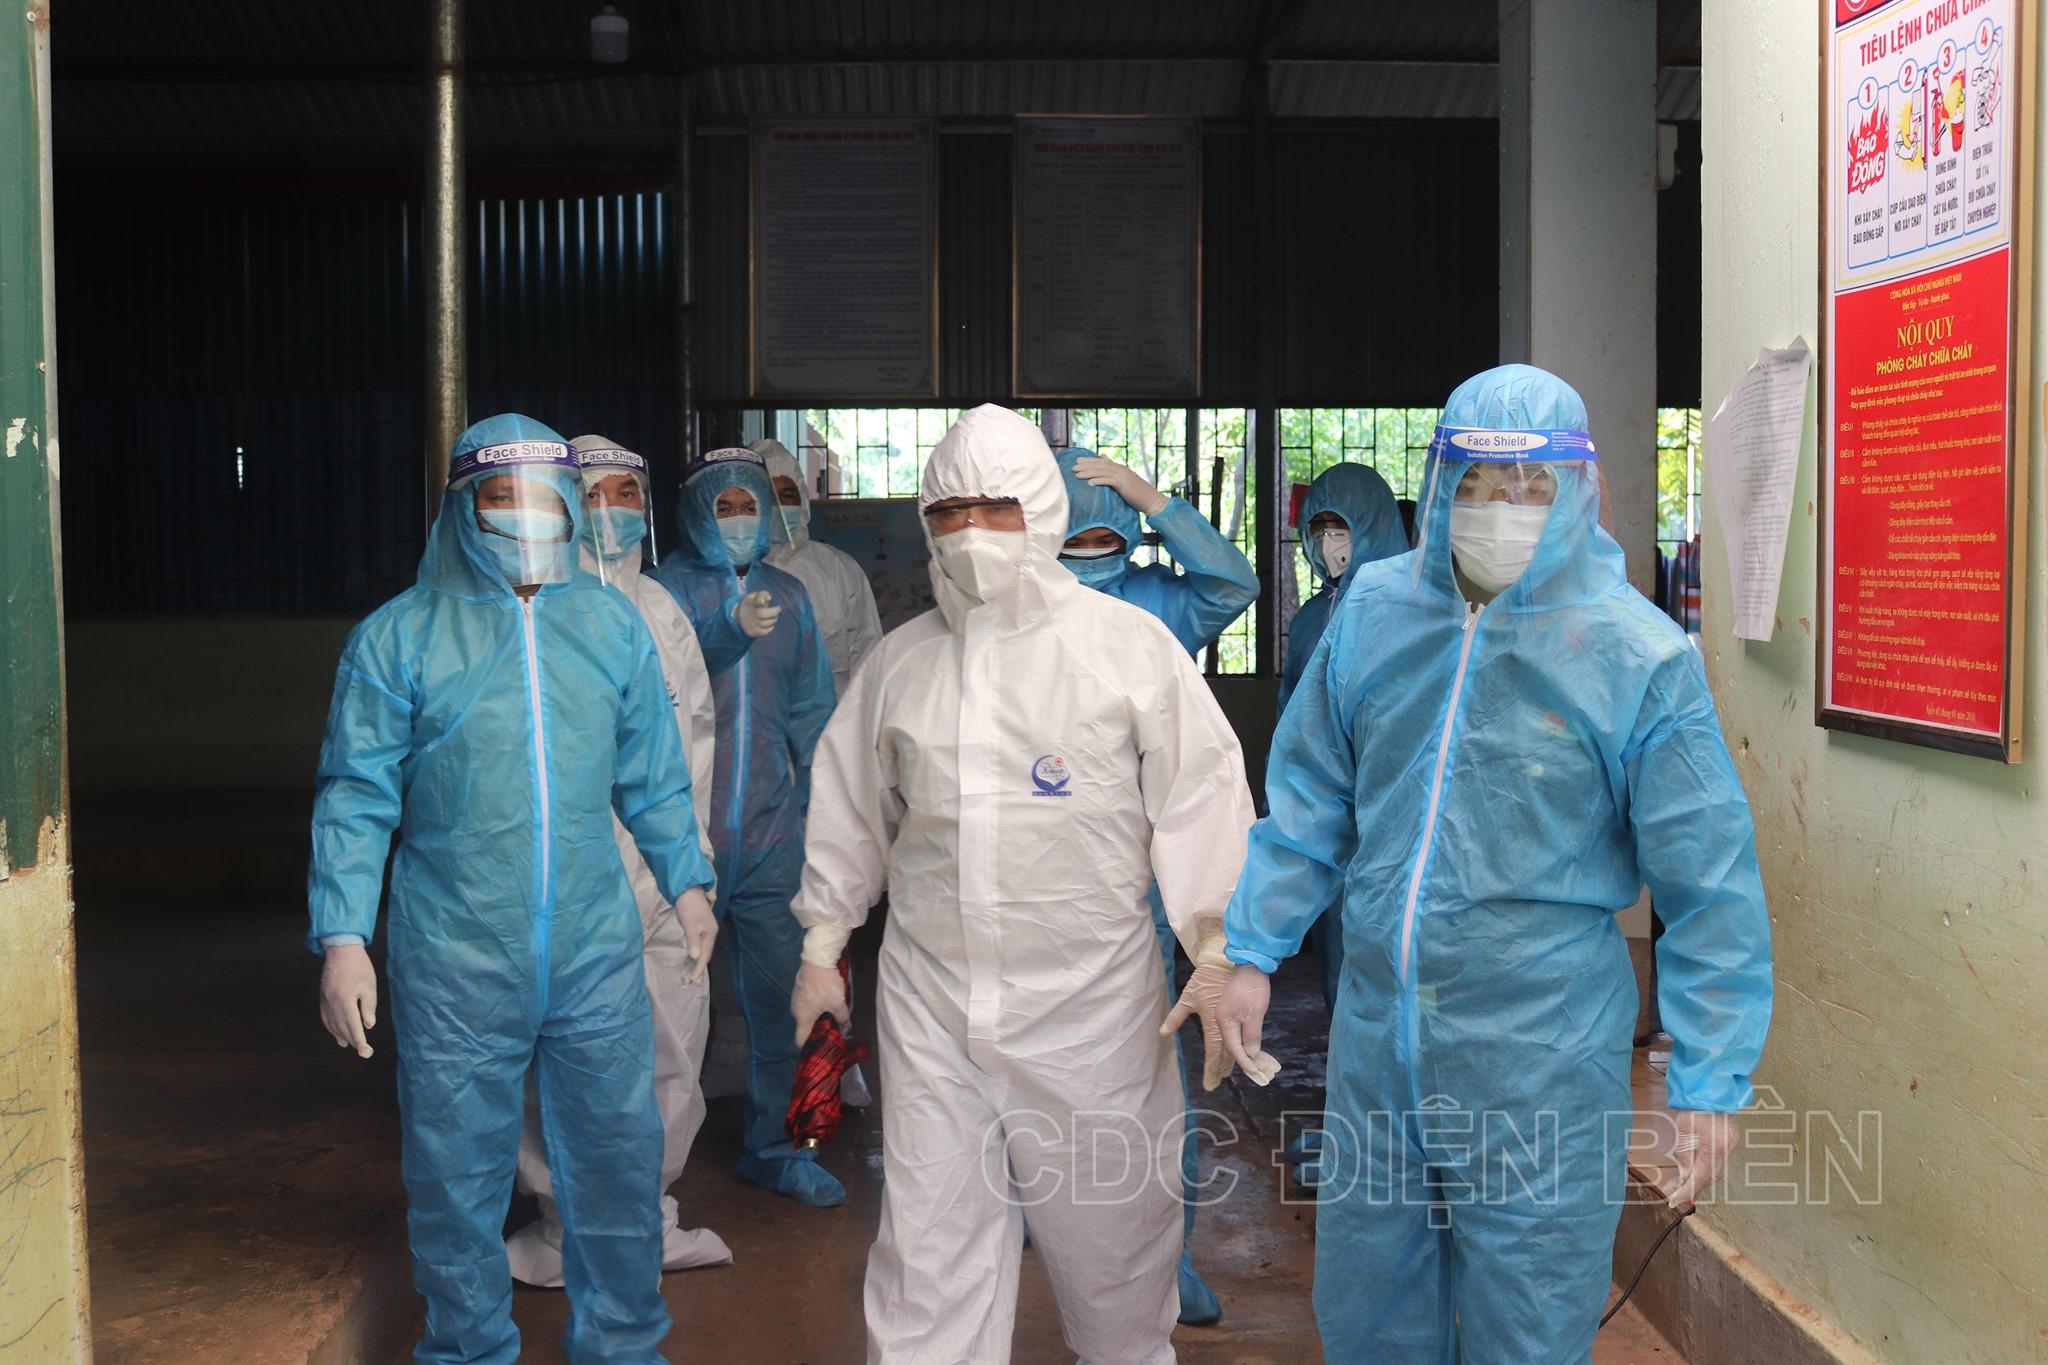 Điện Biên: Đình chỉ công tác 3 cán bộ liên quan đến chùm ca Covid-19 tại huyện Nậm Pồ - Ảnh 1.